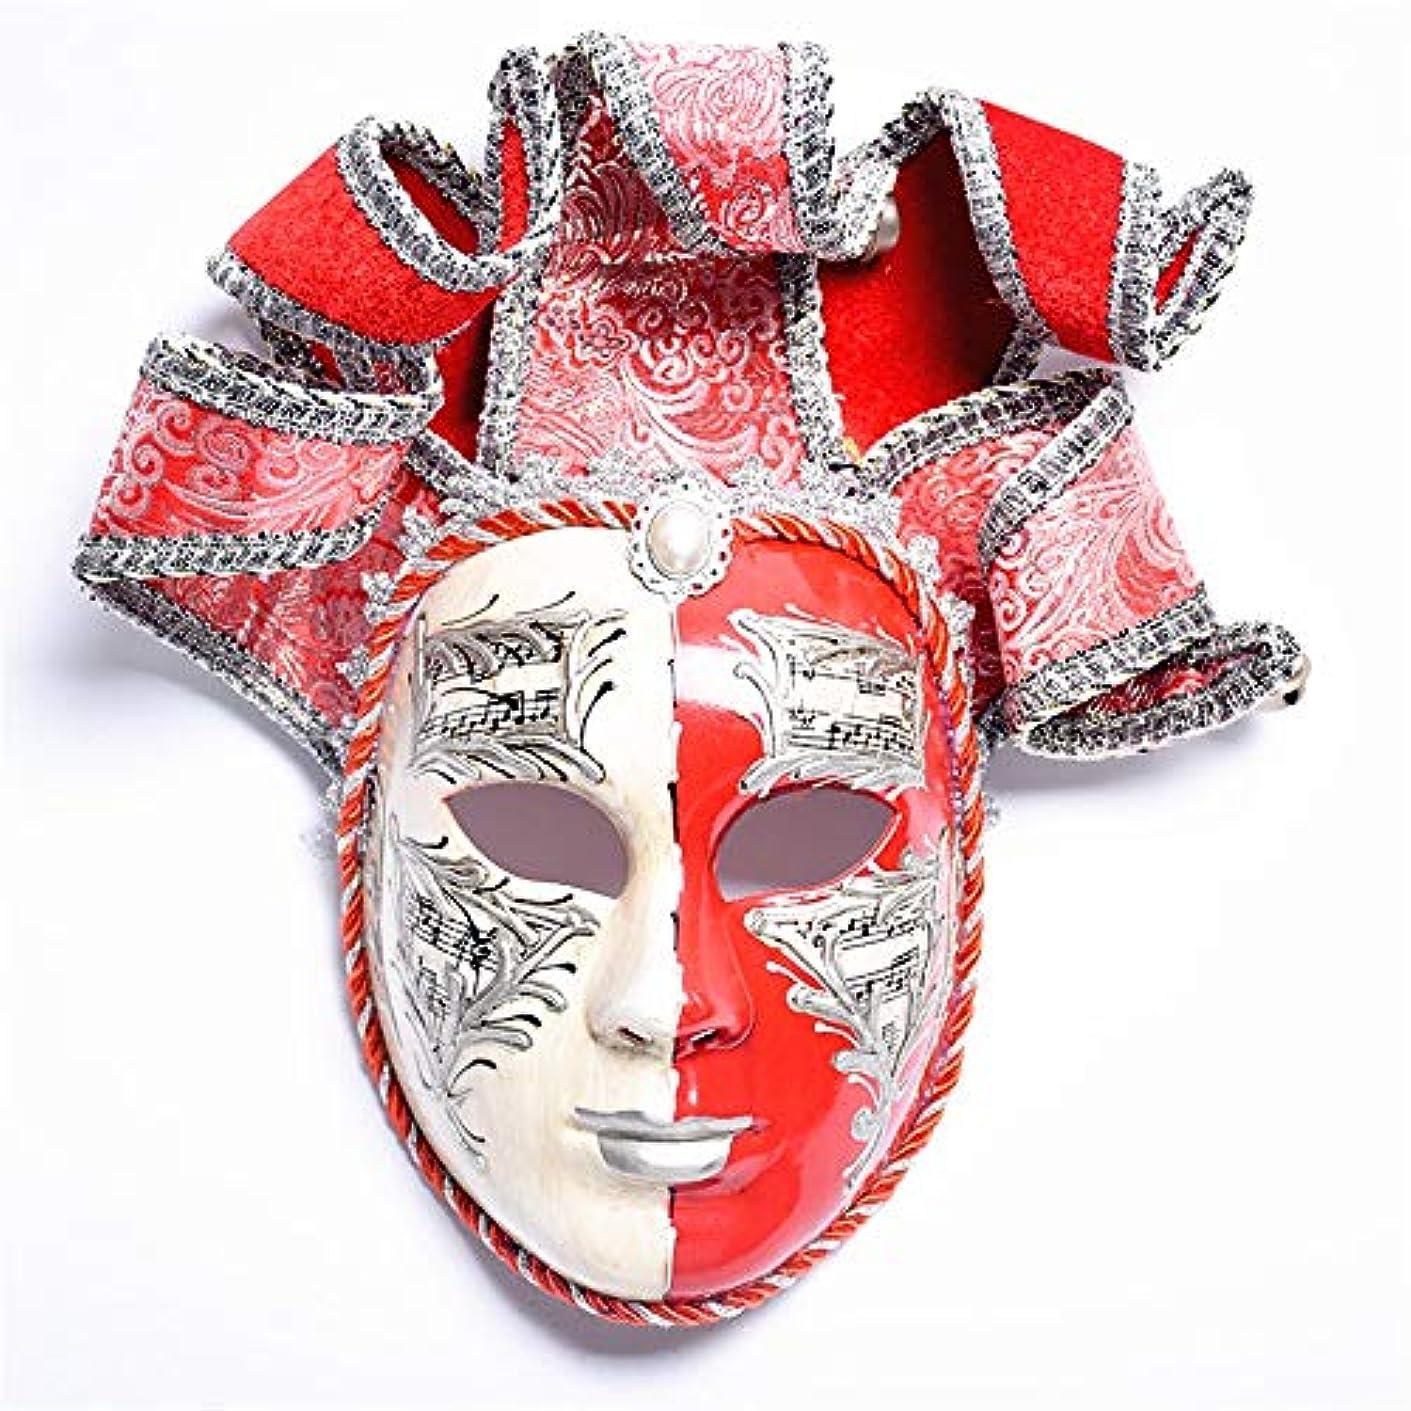 複数悪意のあるダンスマスク パーティーマスクフェスティバルコスプレハロウィン仮装フルフェイスマスクエッセンスナイトクラブパーティープラスチックマスクガールビューティーレディース ホリデーパーティー用品 (色 : Red+Silver,...